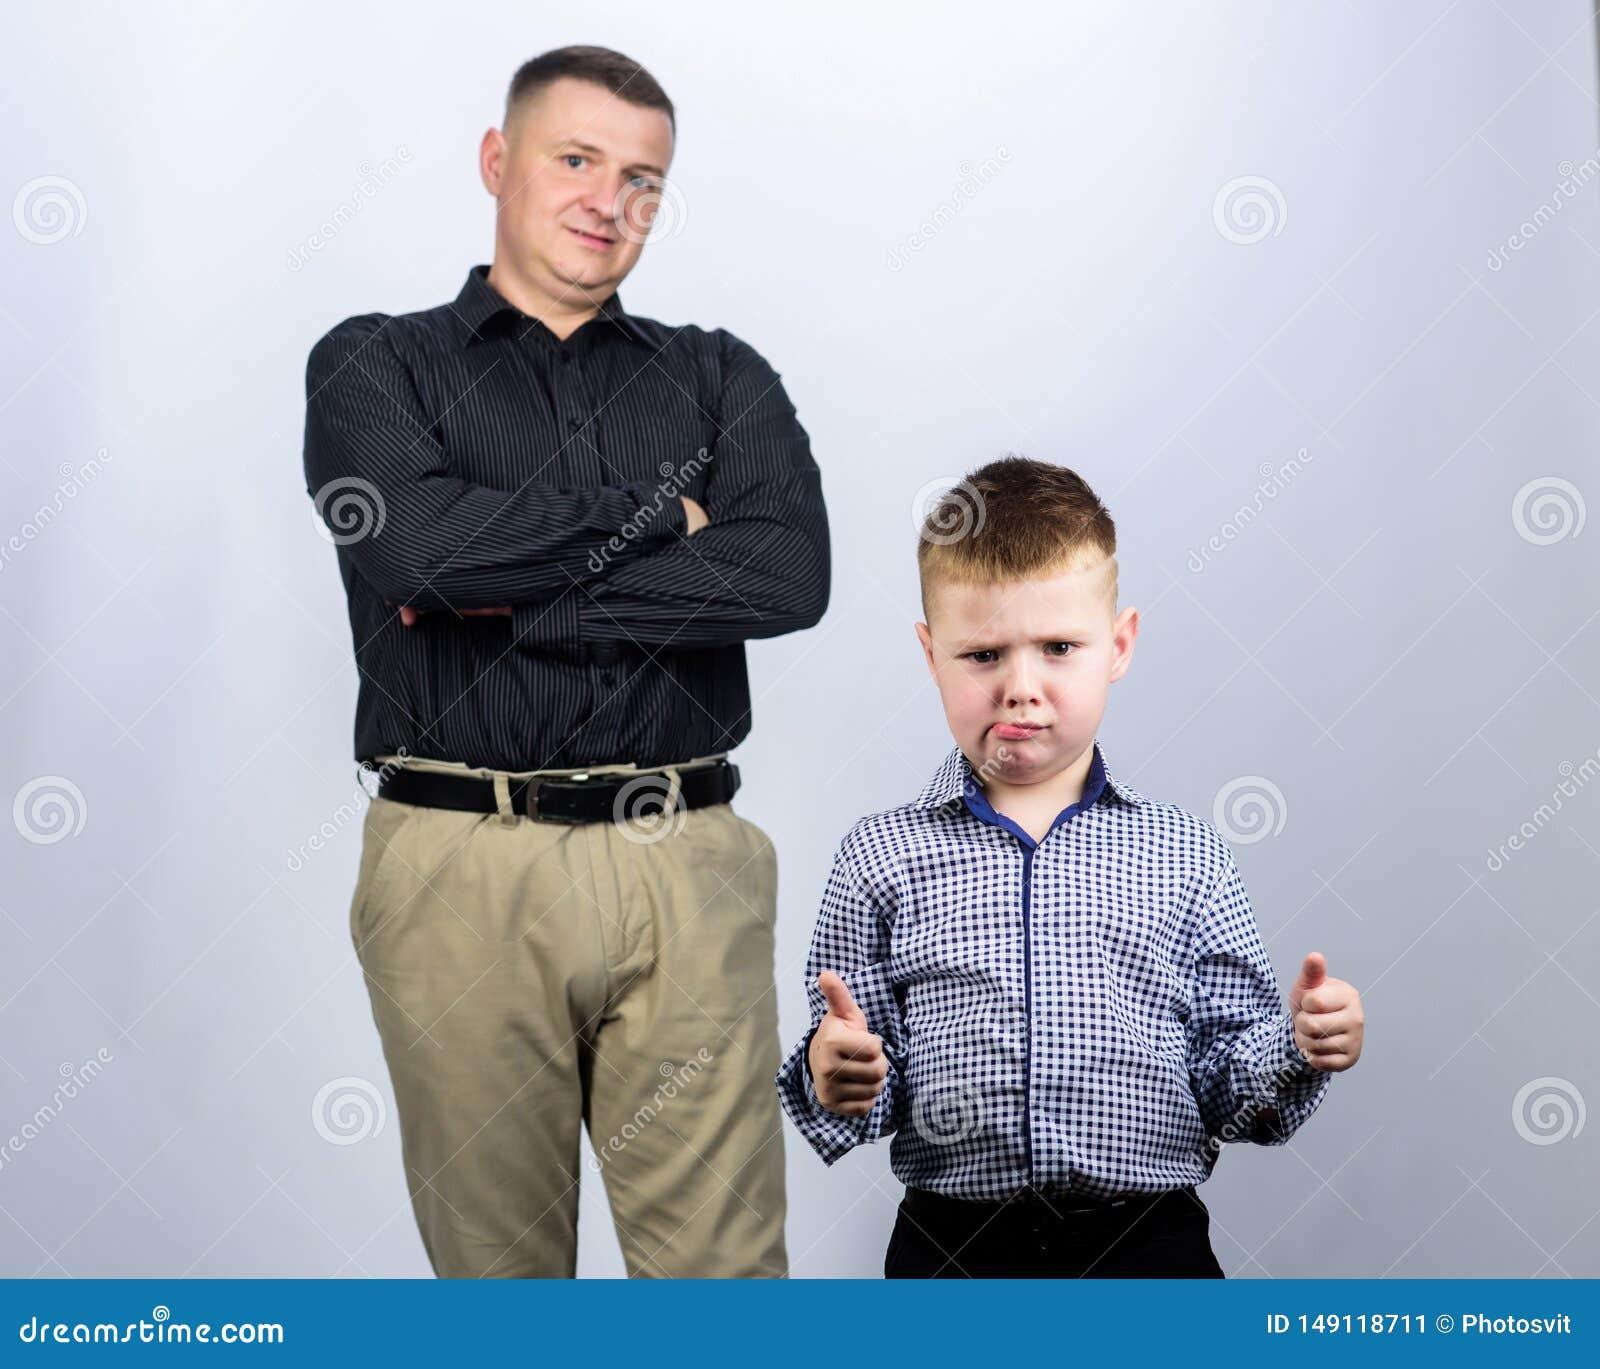 Να εργαστεί από κοινού r o εμπιστοσύνη και τιμές r πατέρας και γιος στο επιχειρησιακό κοστούμι E